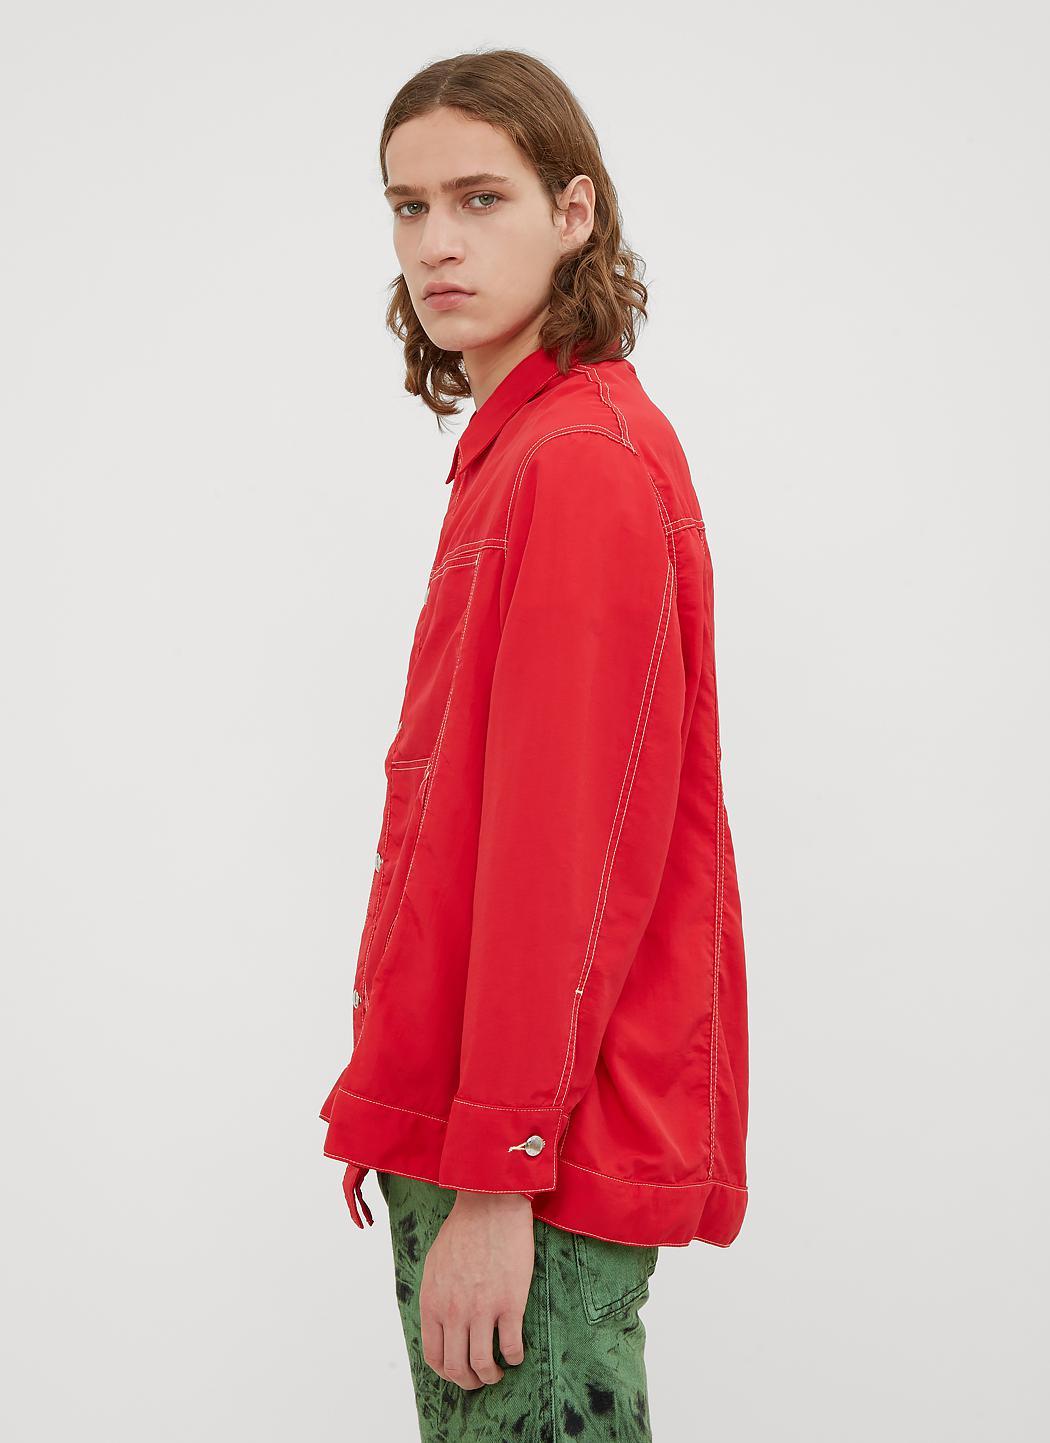 In Red Red Lyst Men Latta Jacket for Shirt Nylon Eckhaus Denim in HxTYCw6q